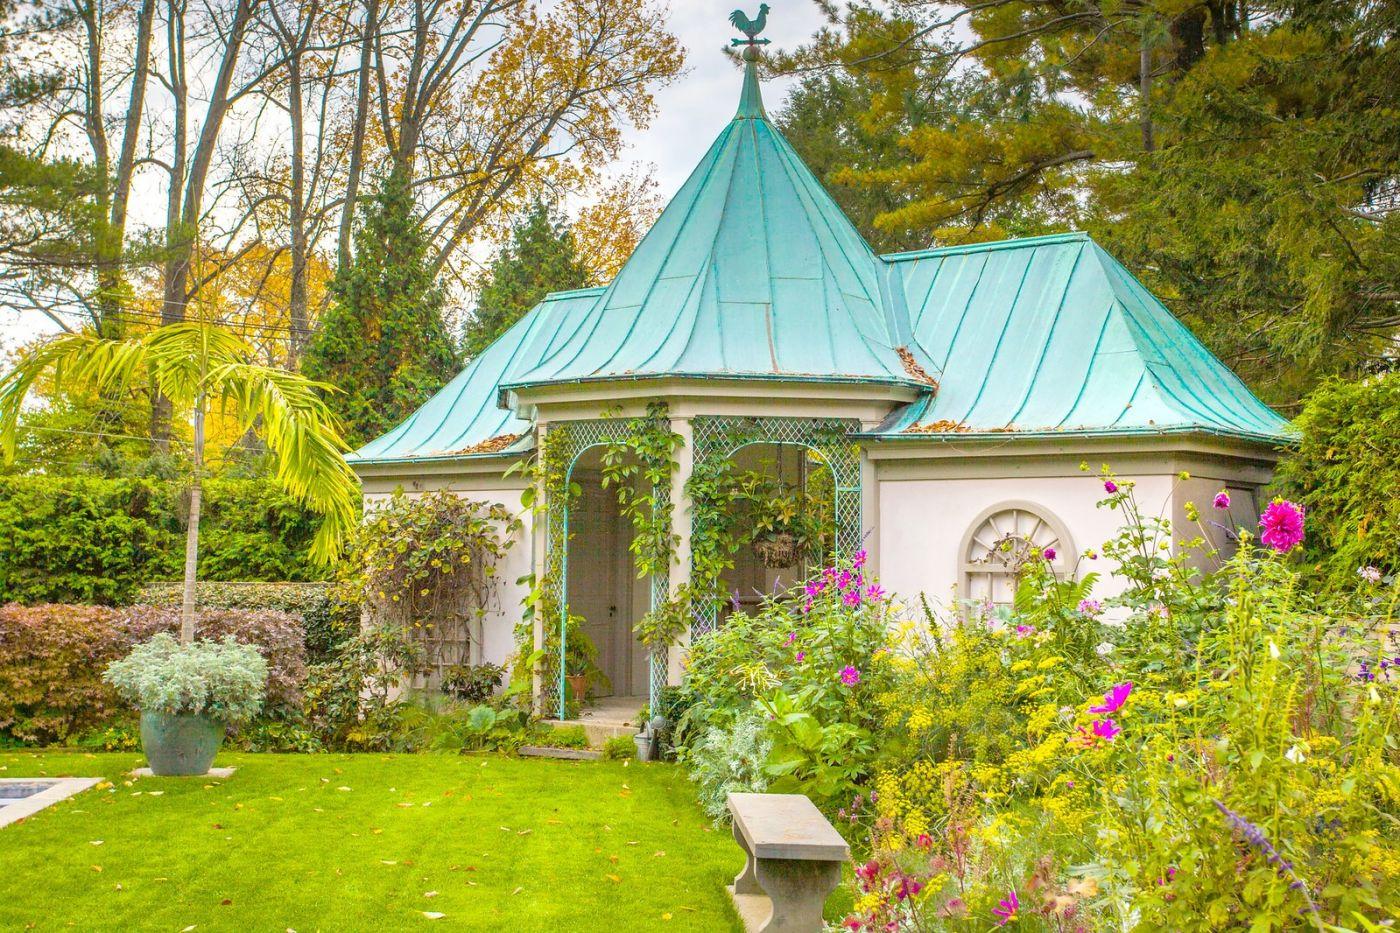 Chanticleer花园,花房泳池_图1-18